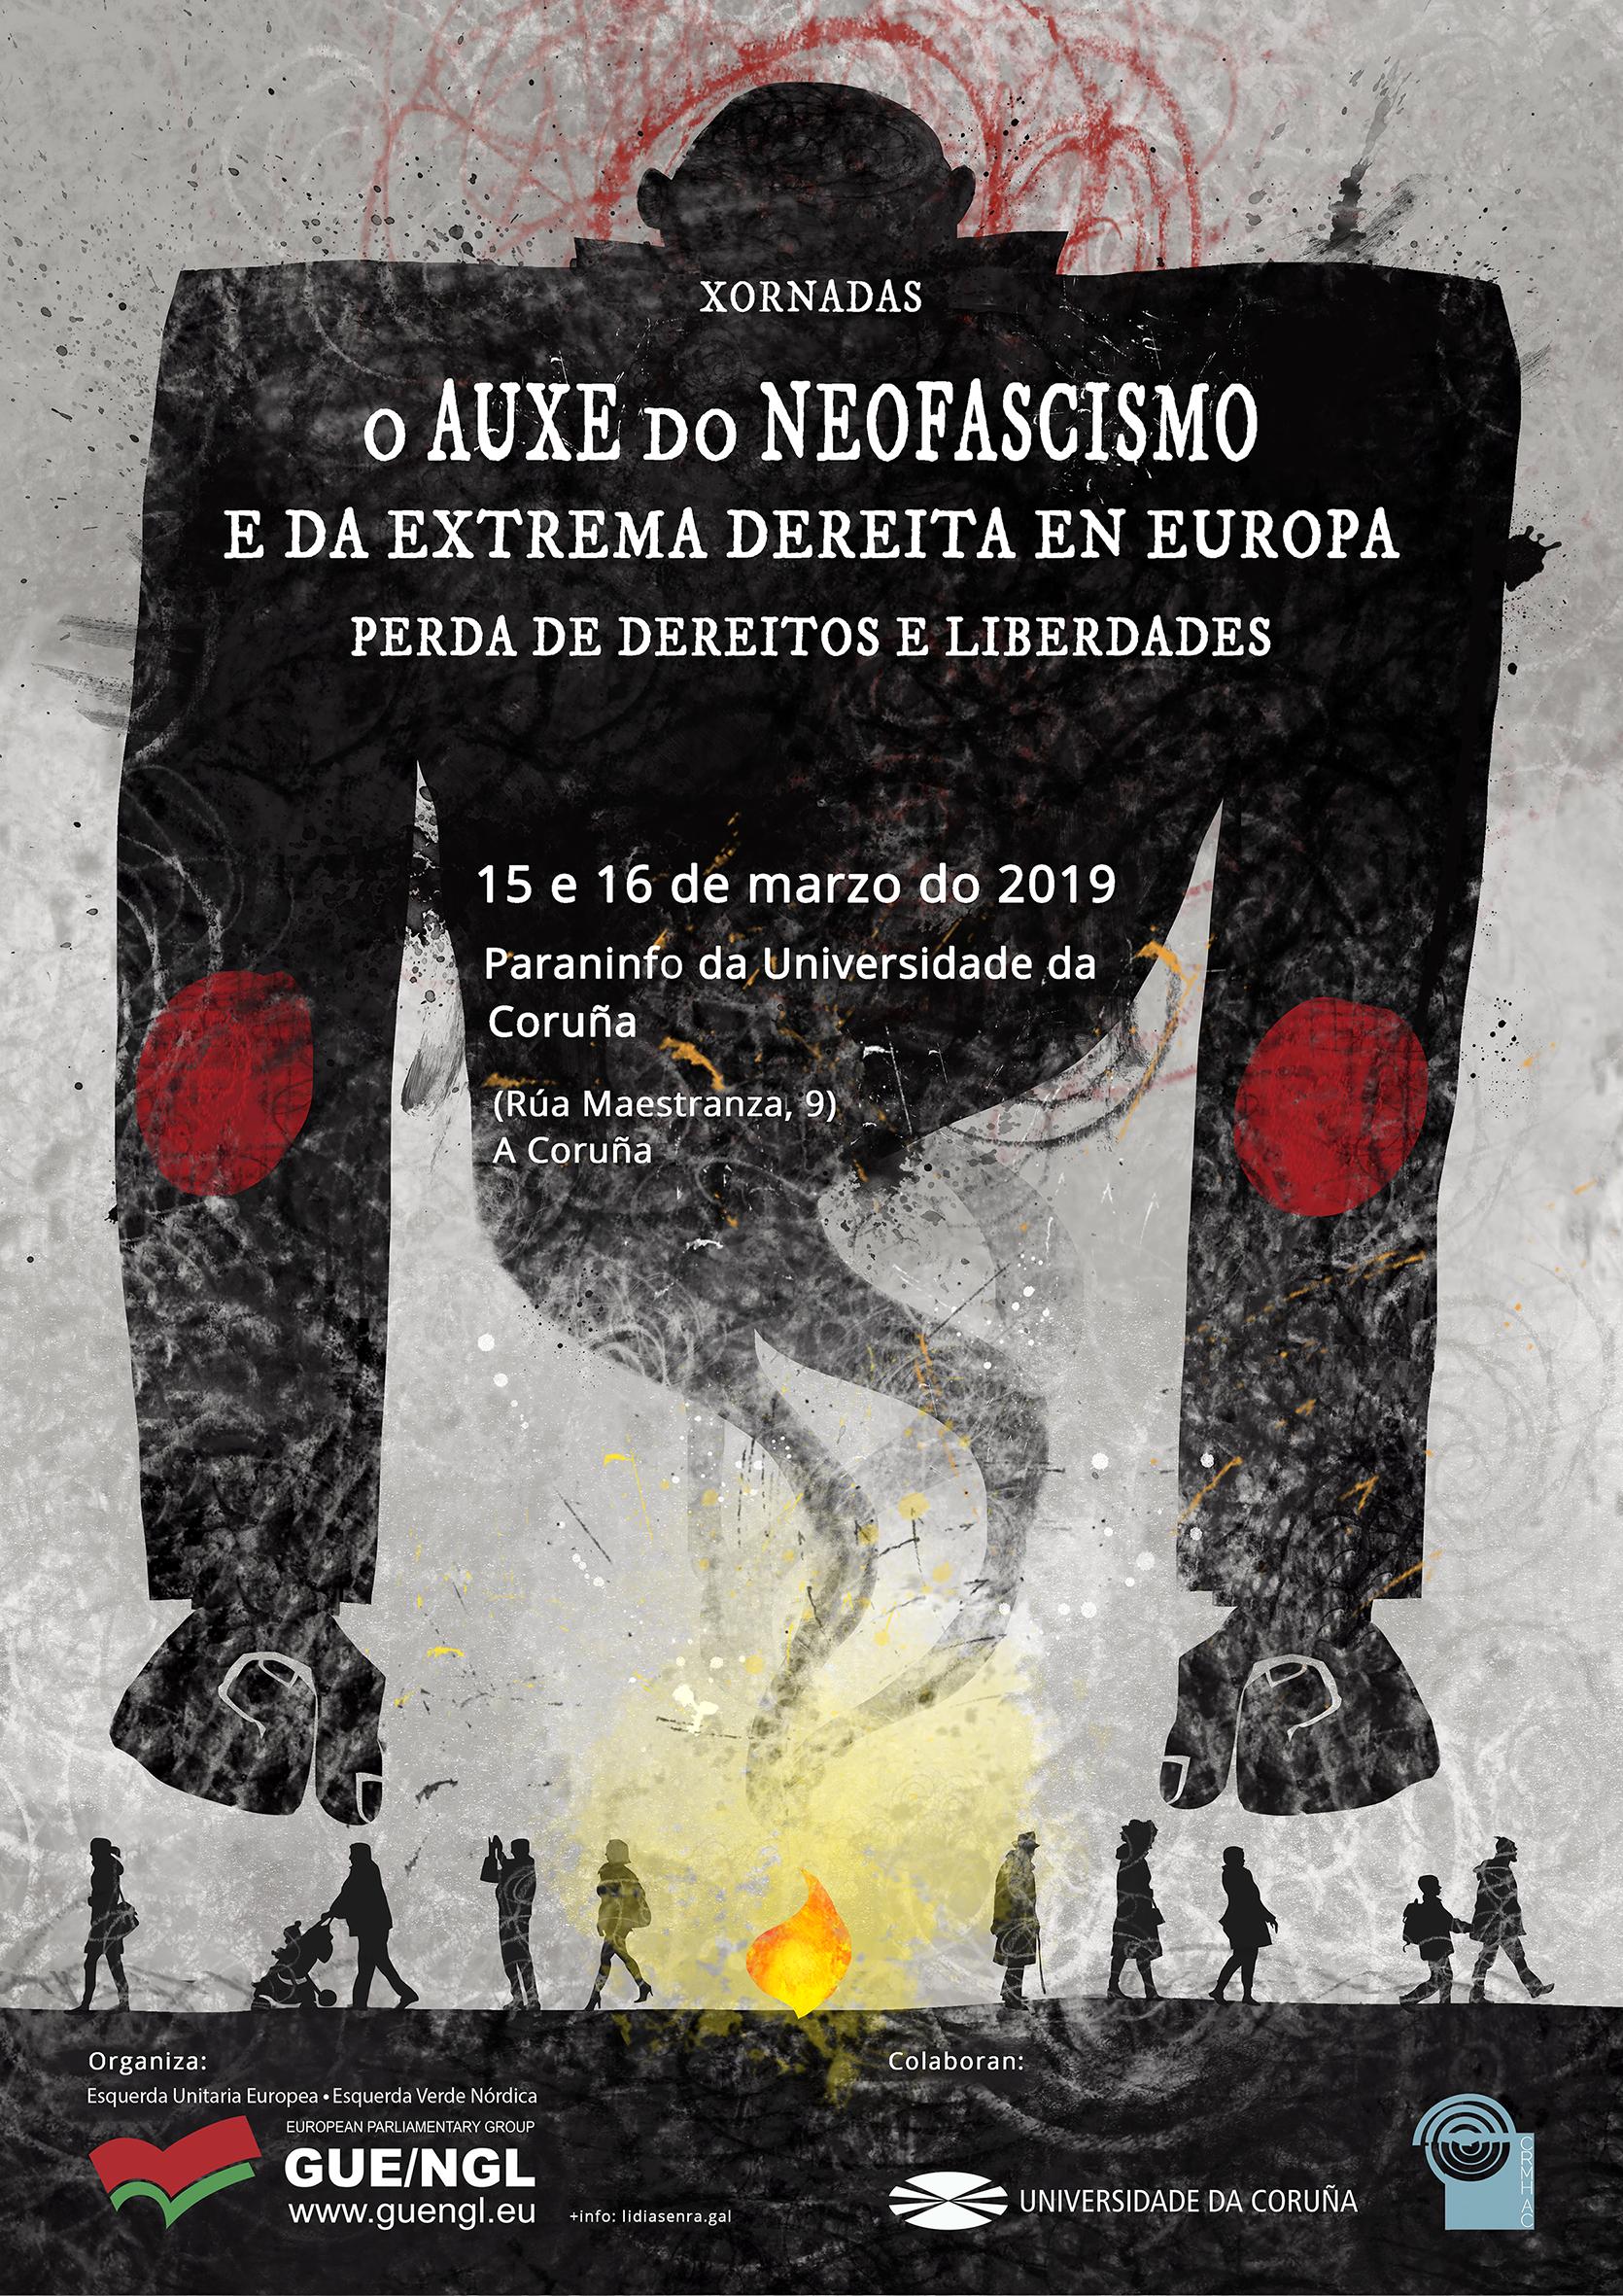 Cartel Xornada O AUXE DO NEOFASCISMO 150319 Coruña